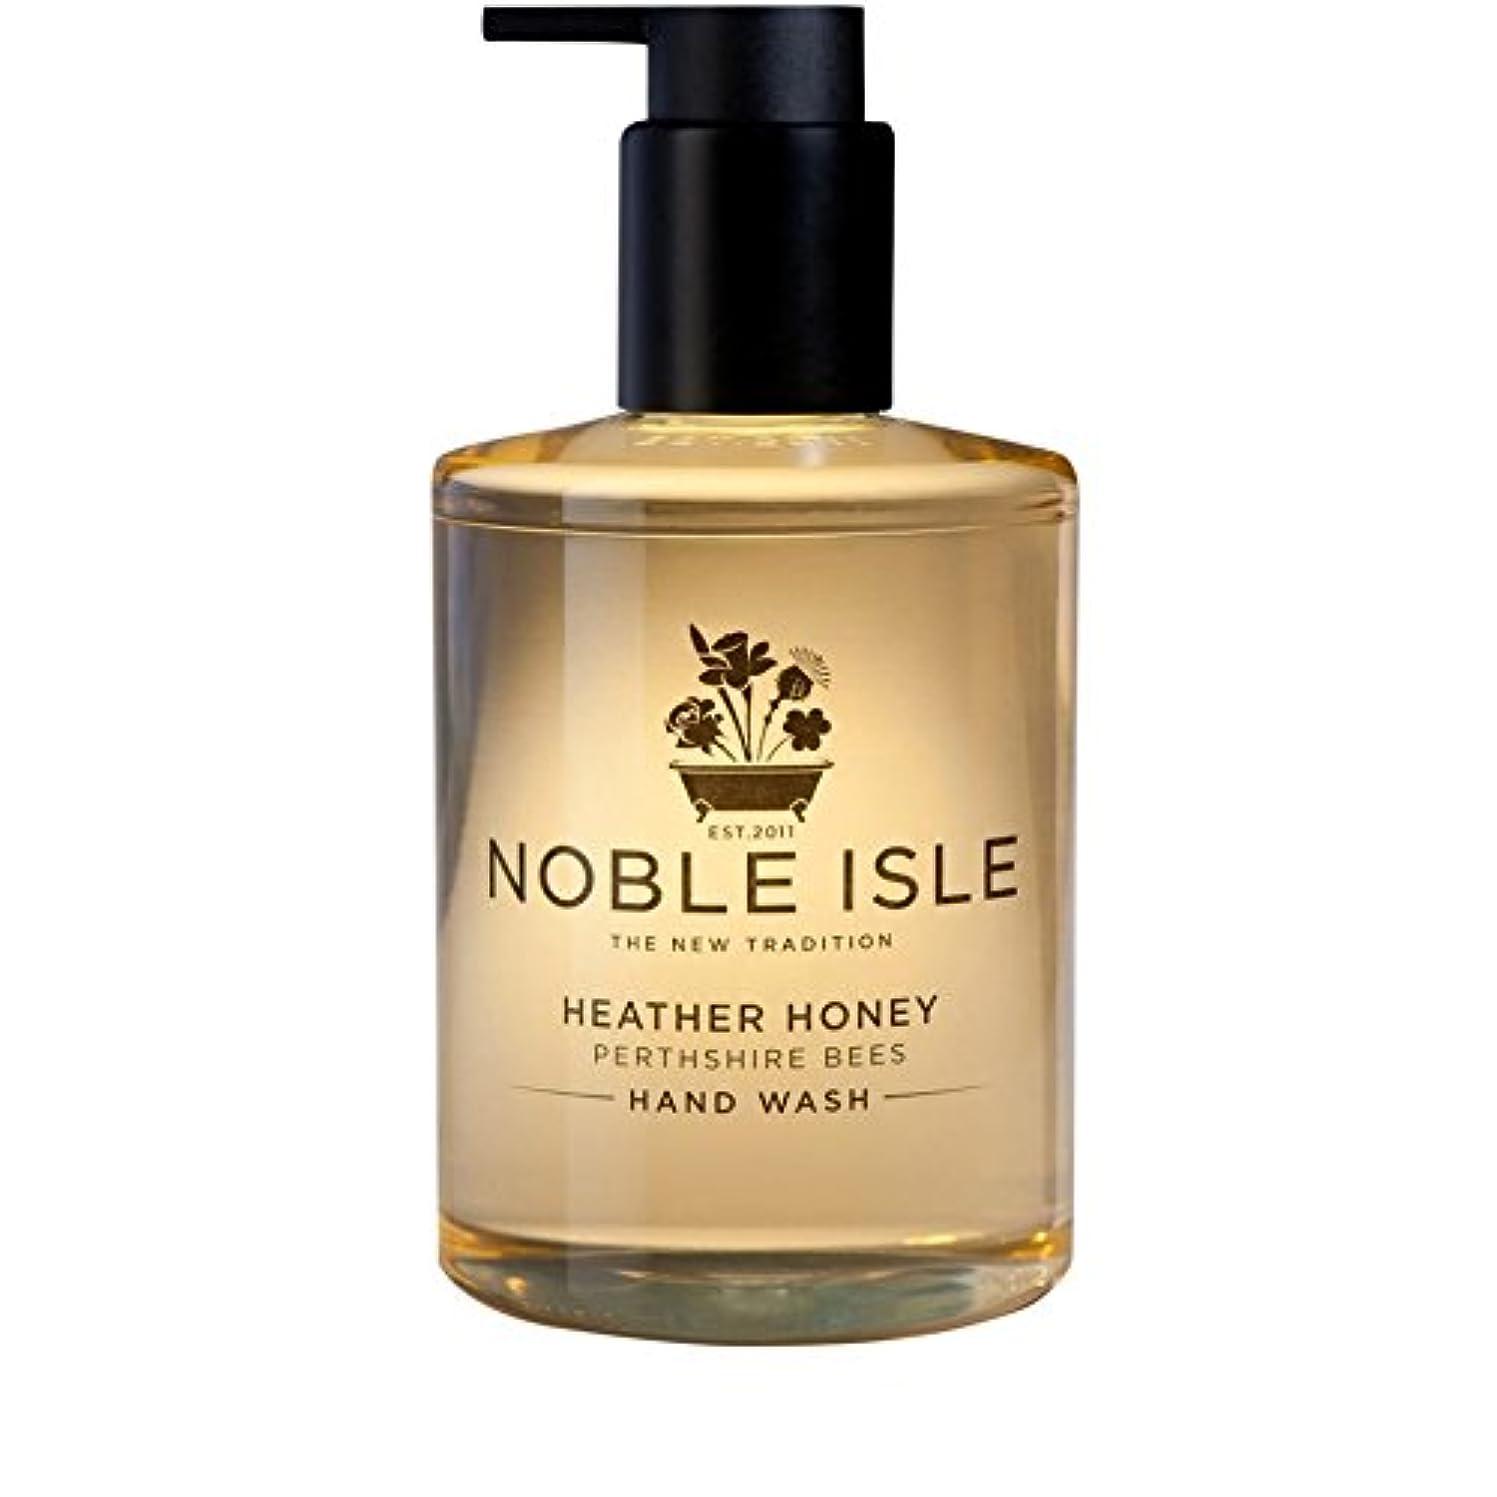 フェロー諸島主要などっちでもNoble Isle Heather Honey Perthshire Bees Hand Wash 250ml - 高貴な島杢蜂蜜パースシャー蜂のハンドウォッシュ250ミリリットル [並行輸入品]